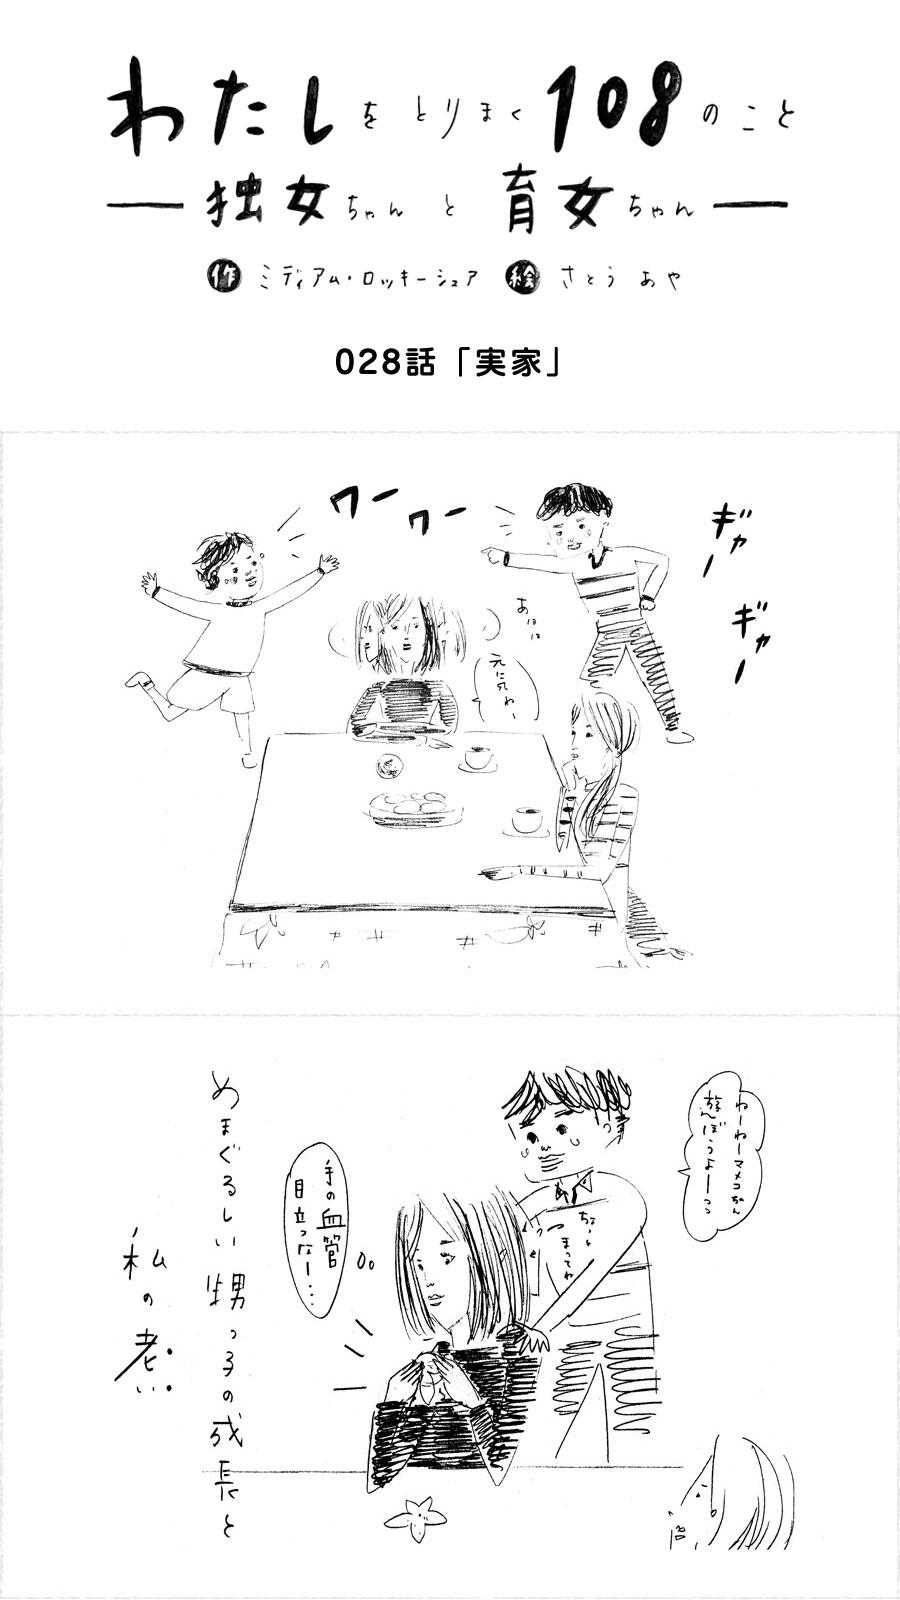 0028_実家_独女ちゃん_000